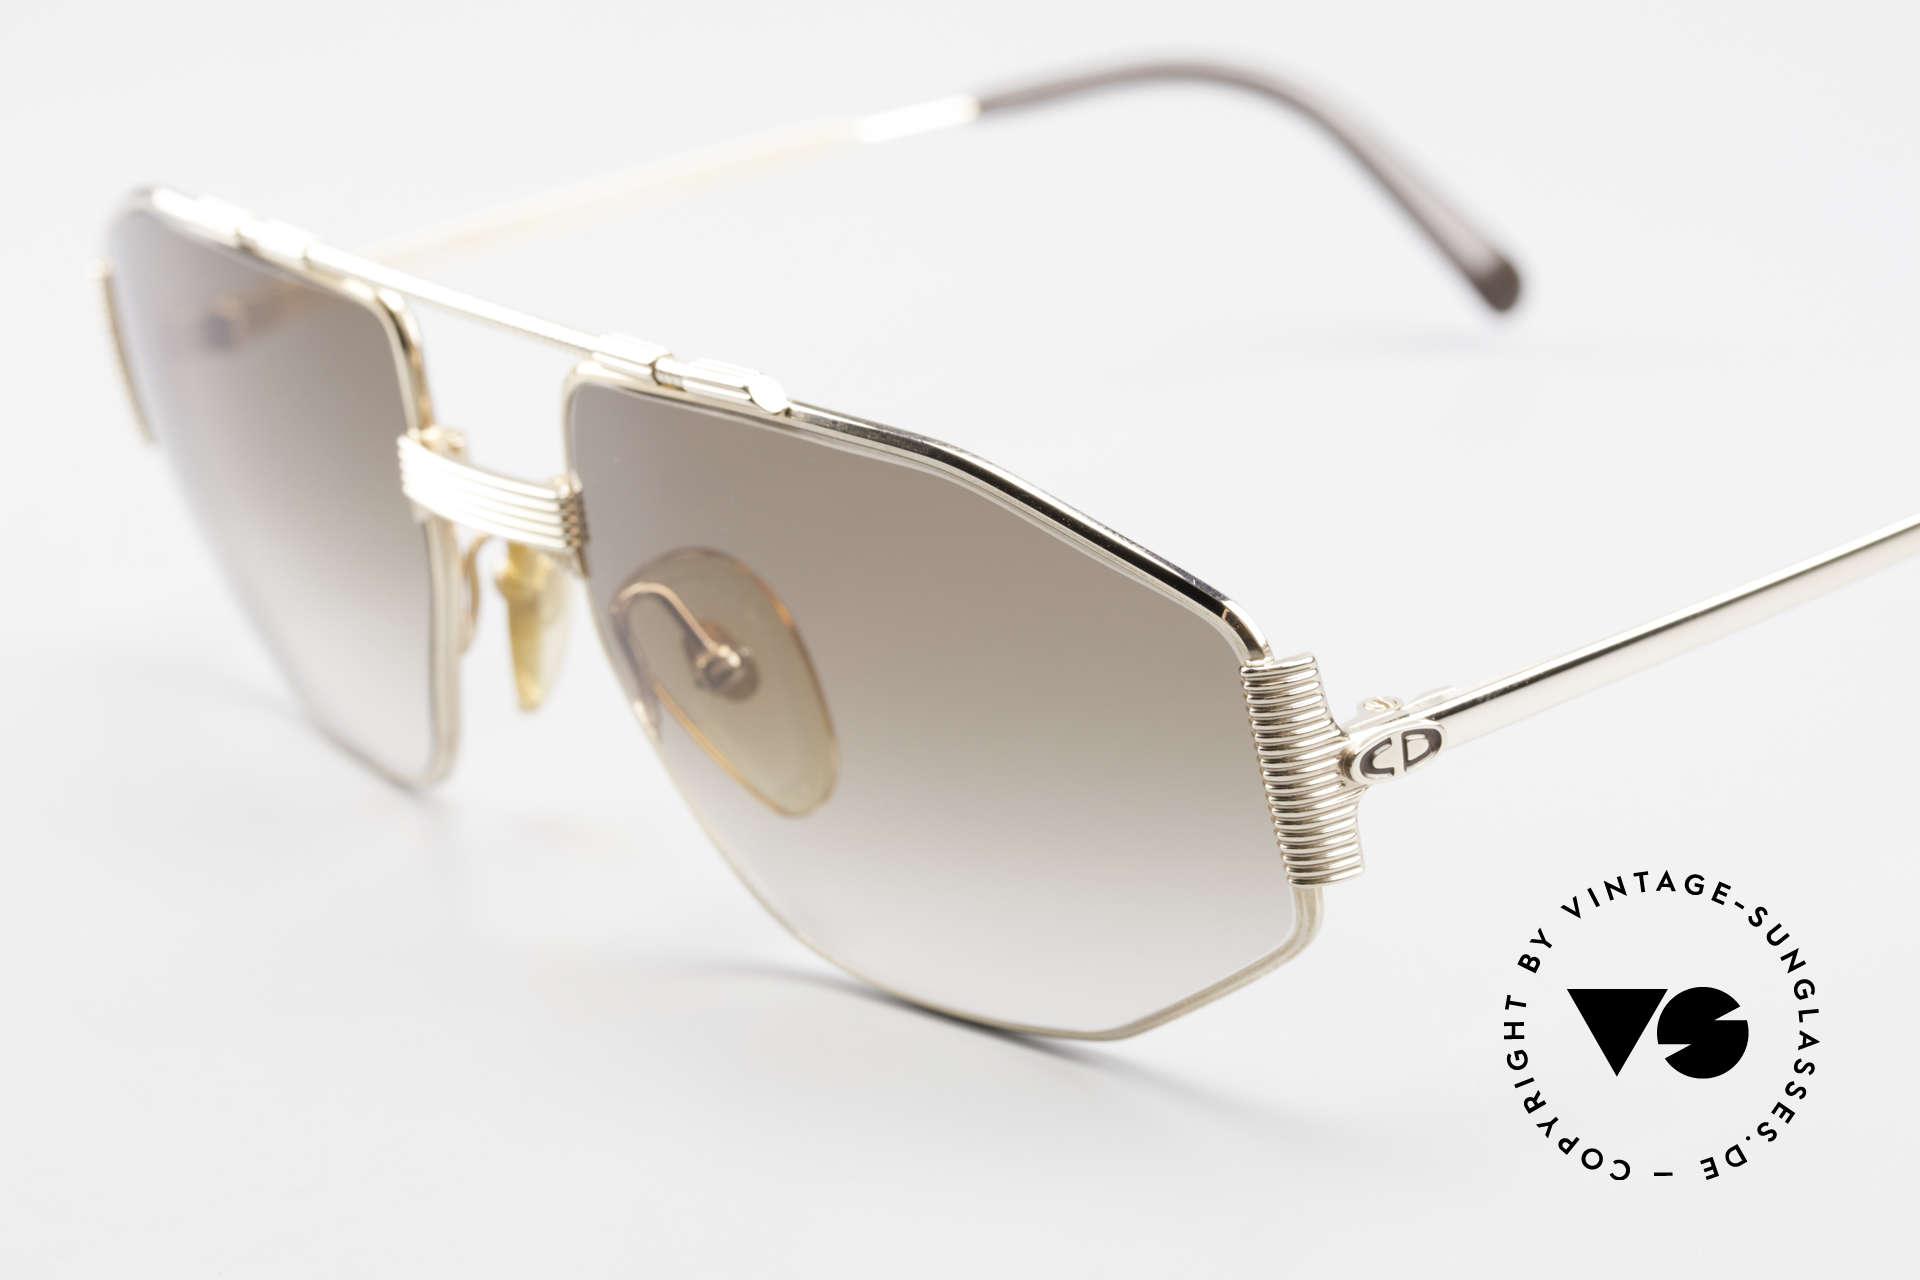 Christian Dior 2516 Vergoldete Sonnenbrille 80er, ungetragen (wie alle unsere C. Dior Brillengestelle), Passend für Herren